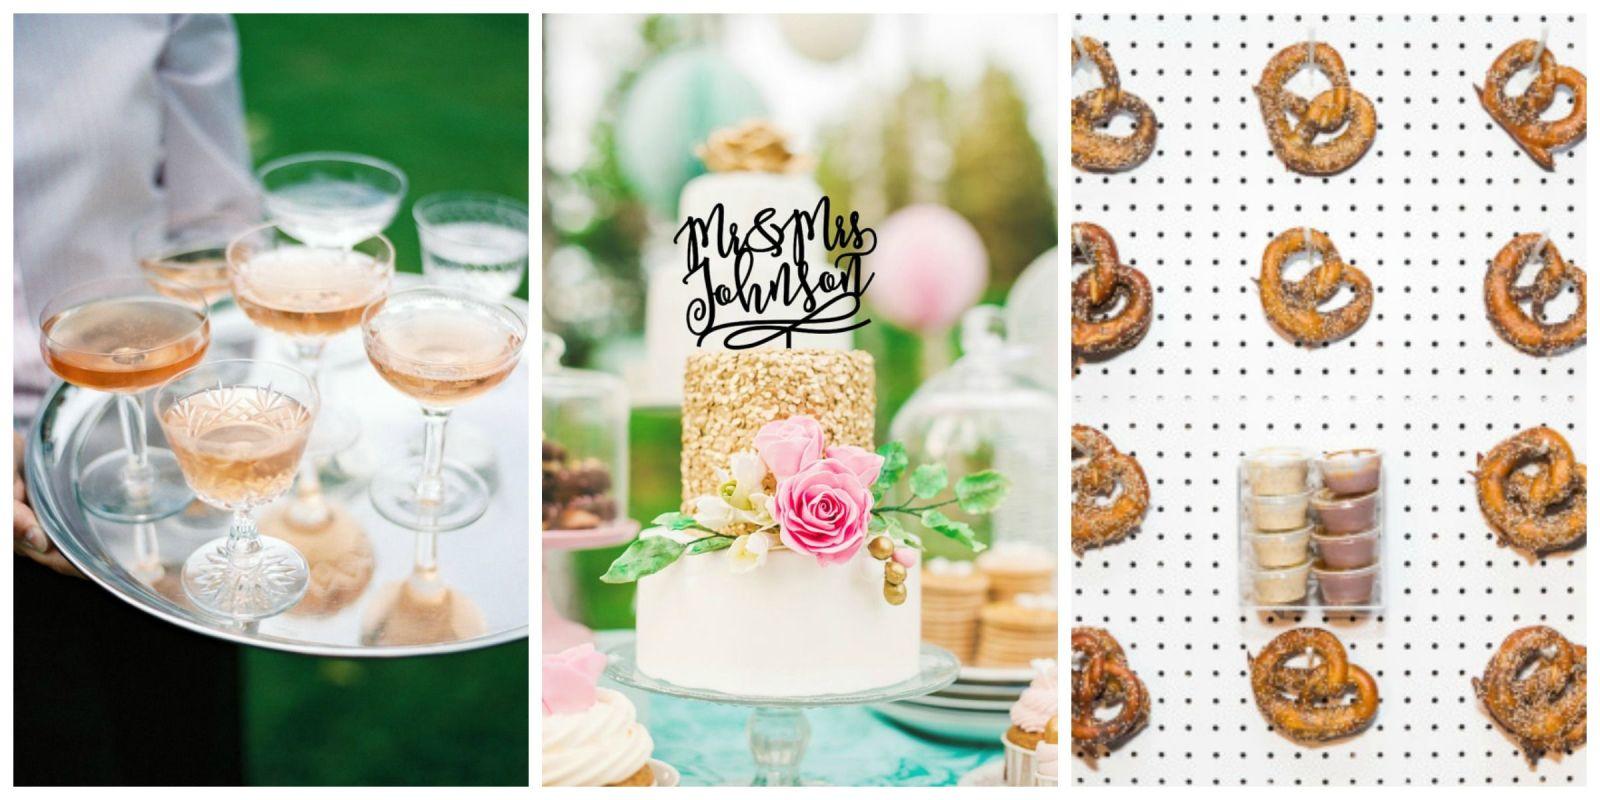 wedding food ideas wedding reception menu recipes